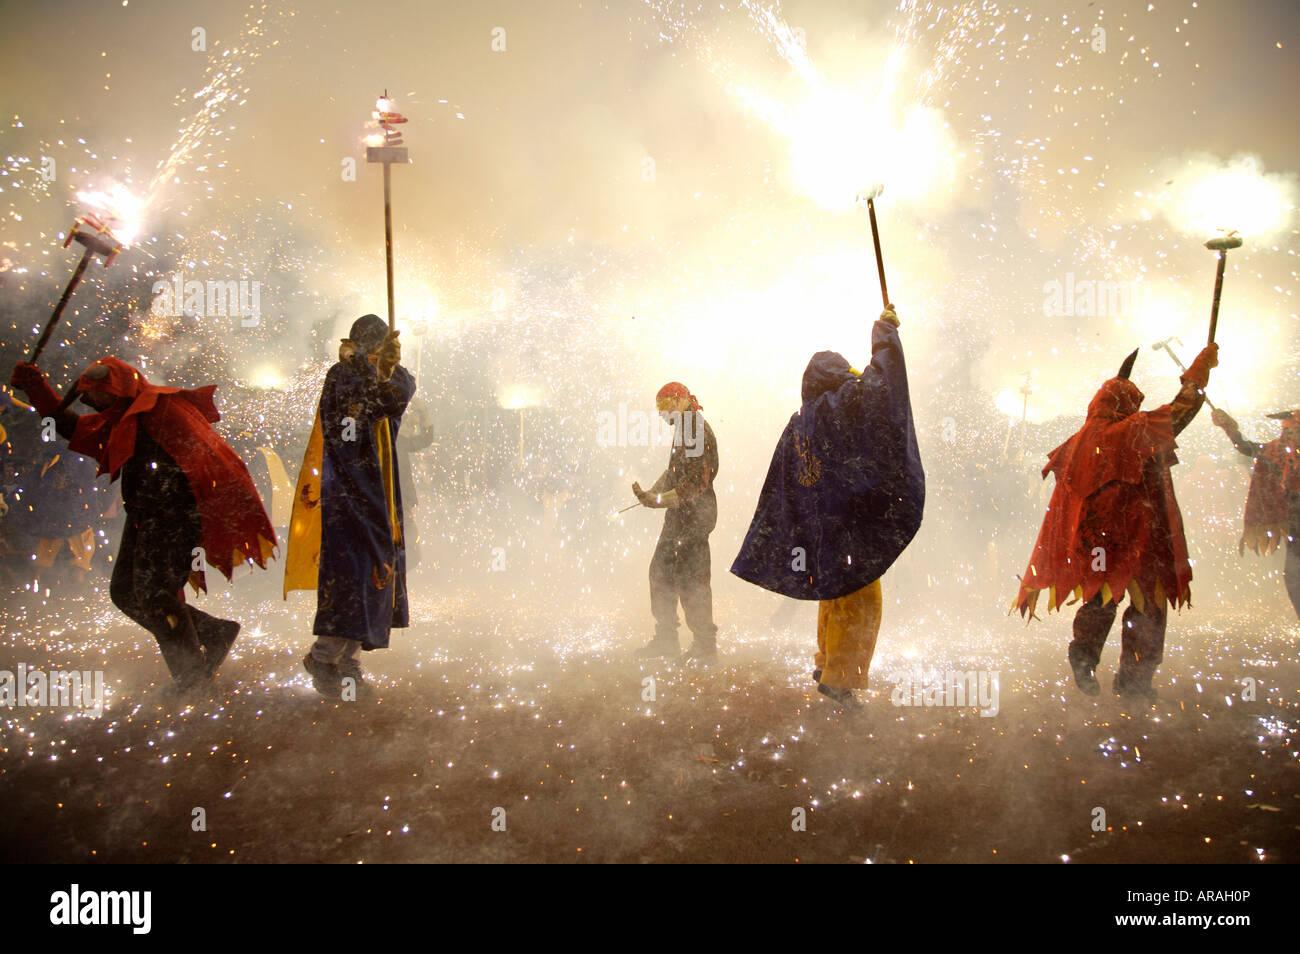 Correfoc fire eseguire nella Gracia Barcellona Spagna alla Festa Mayor de Gracia durante il mese di Agosto 15-18 Immagini Stock